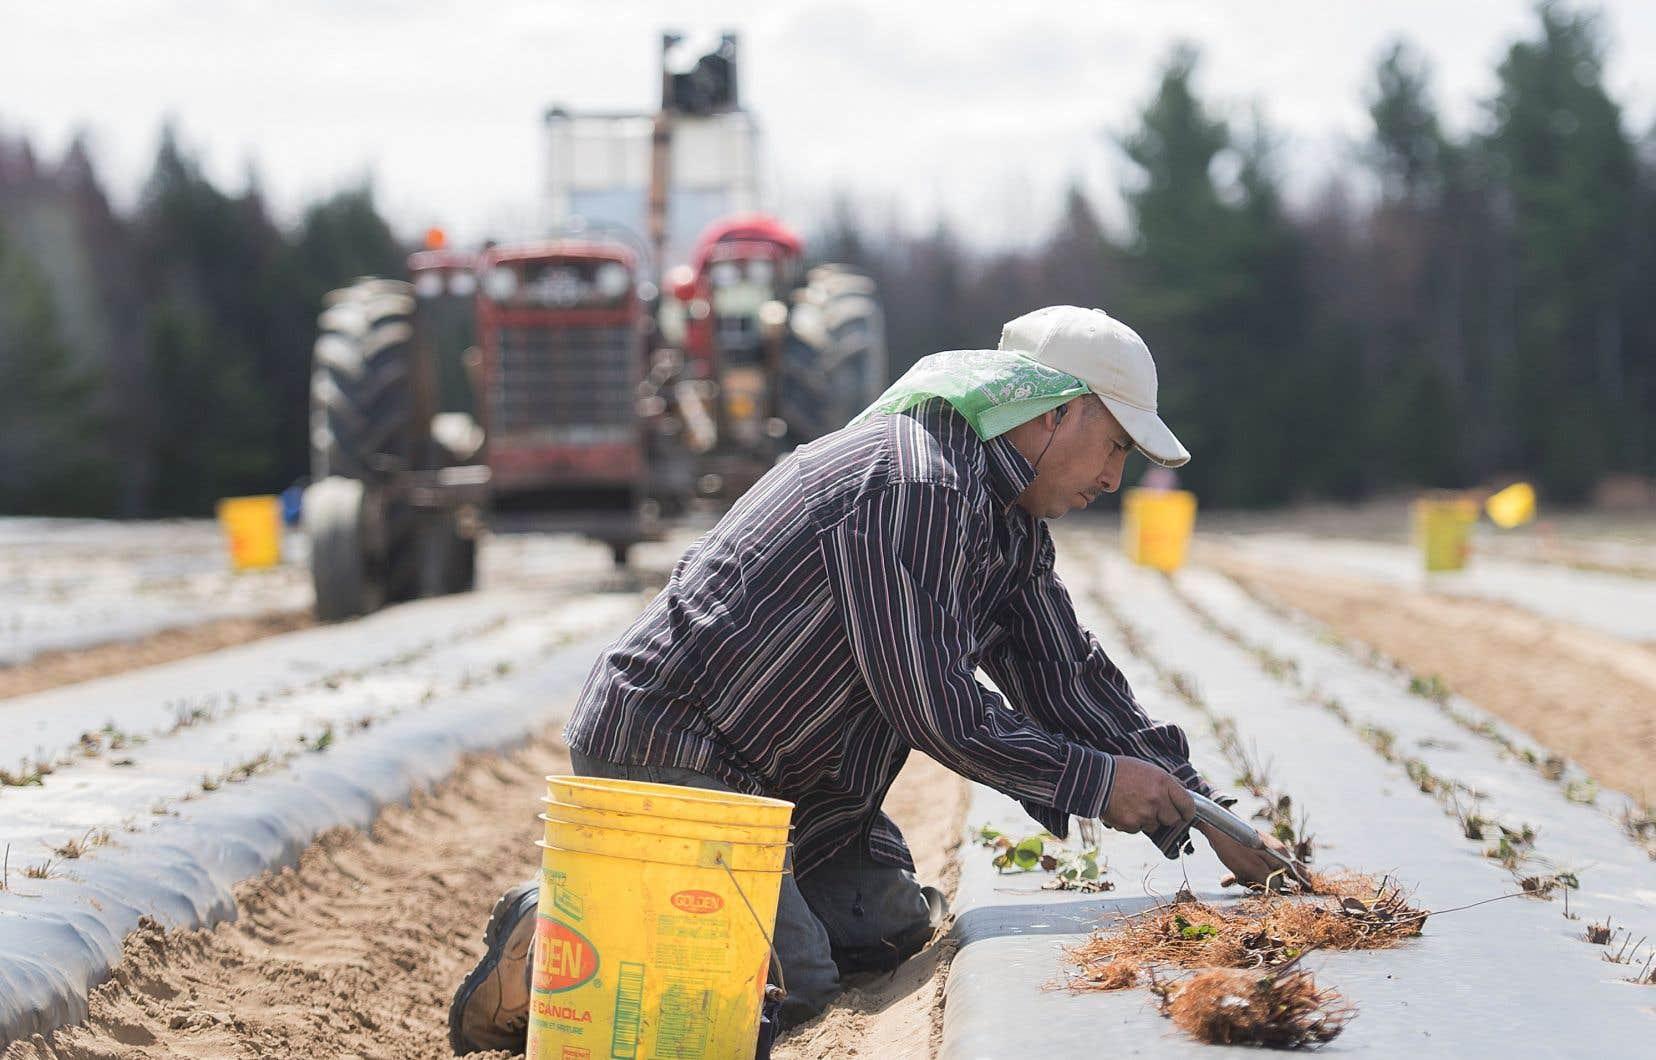 Les gros joueurs du monde agroalimentaire réclament une aide financière supplémentaire des gouvernements, prétextant que «les programmes actuels ne répondent absolument pas aux enjeux exceptionnels que nous traversons».